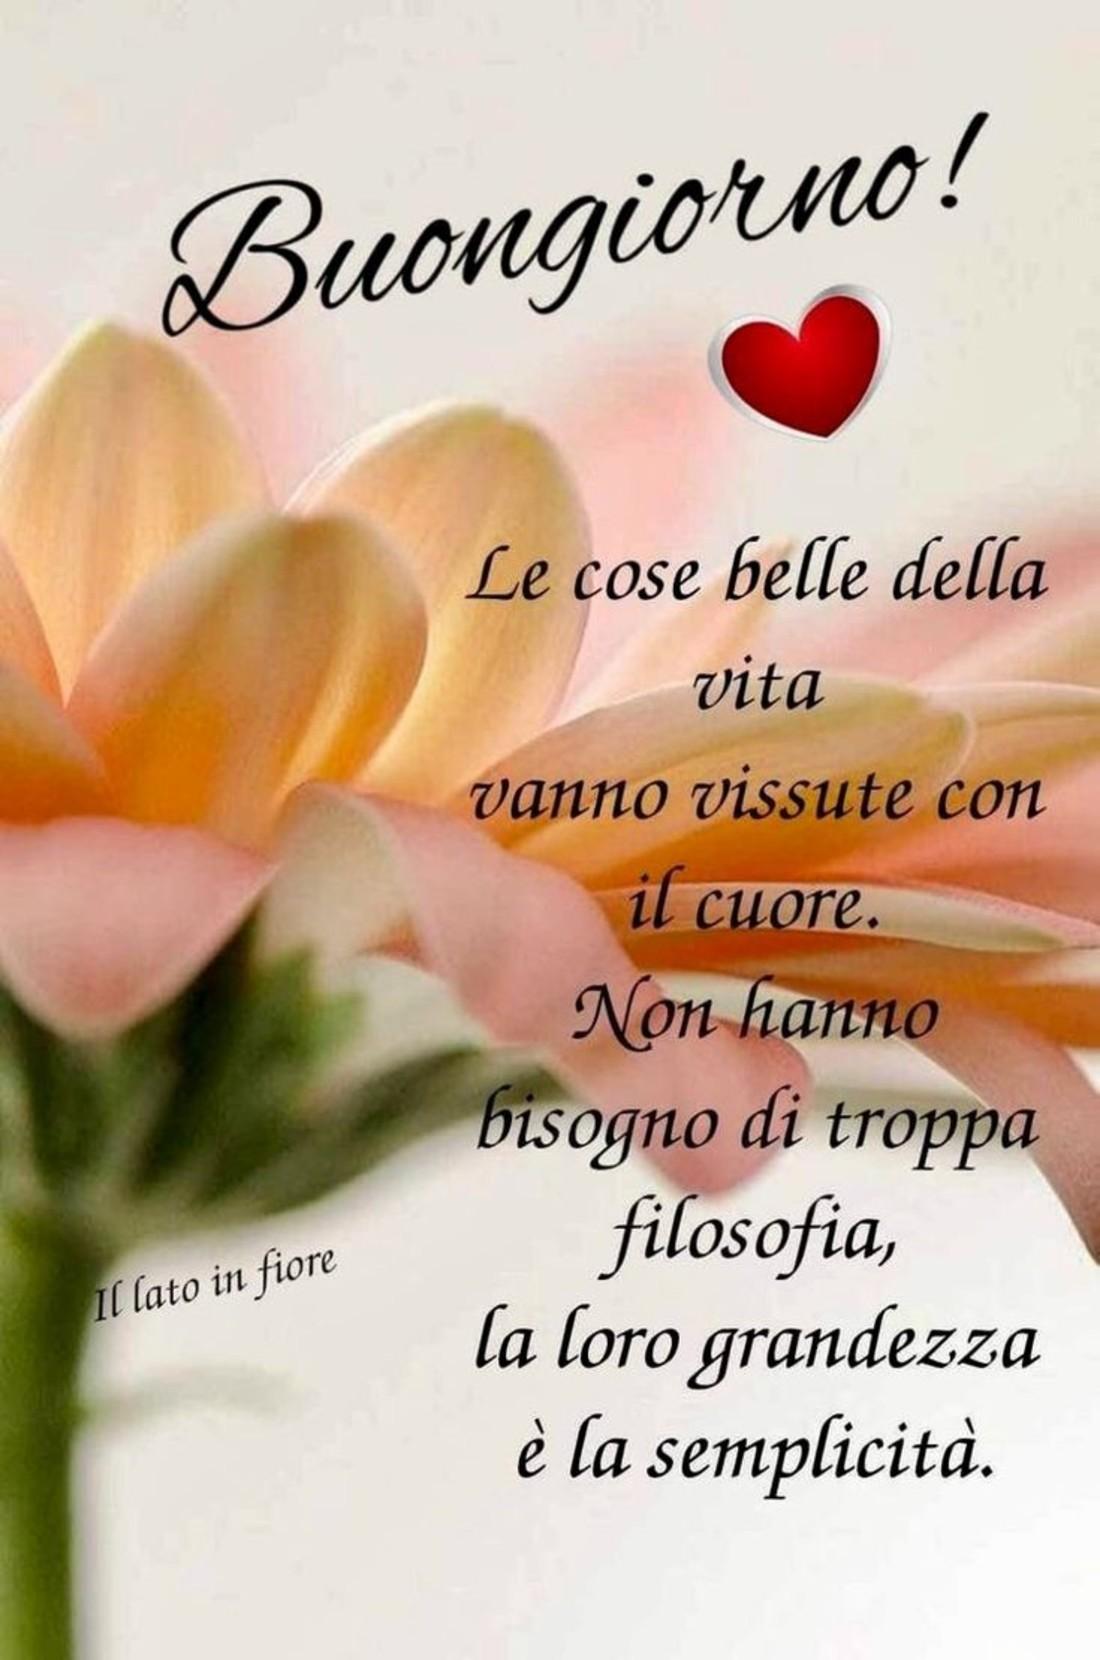 Buongiorno amici immagini 8 for Immagini belle buongiorno amici